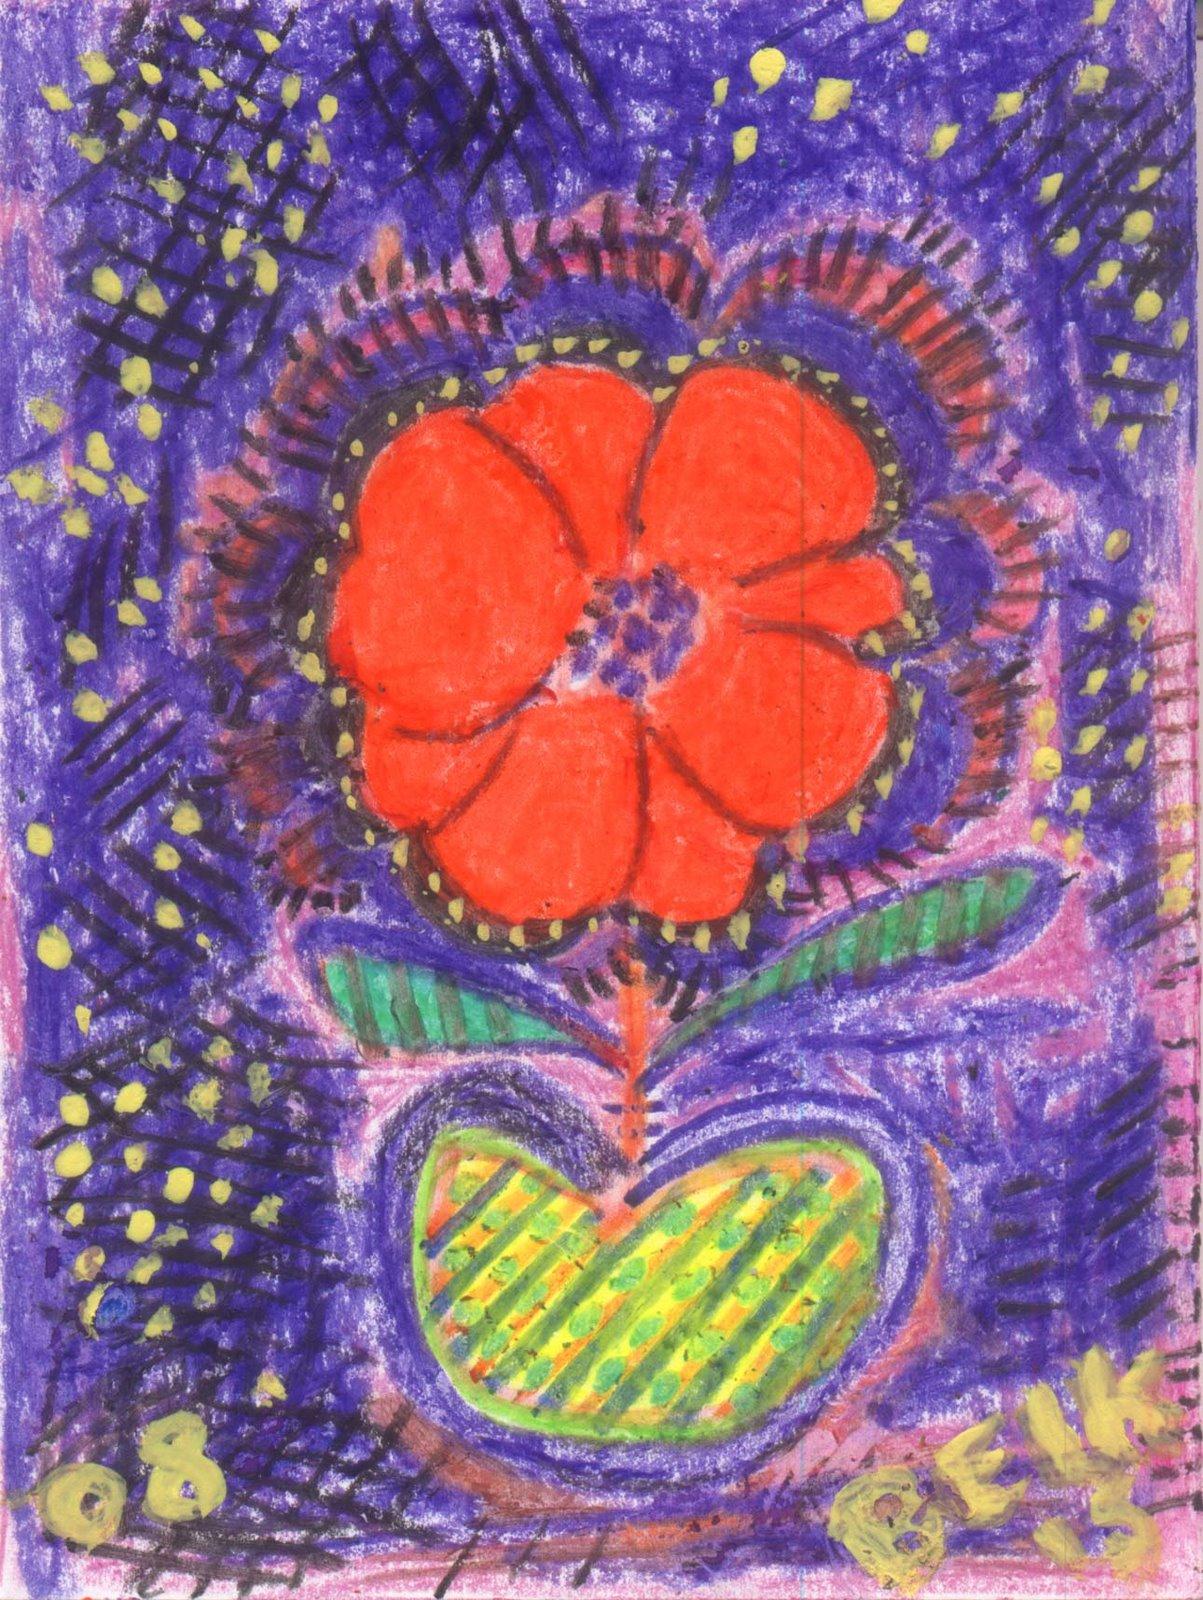 [Flor+de+Venus,+for+JM++March+08]